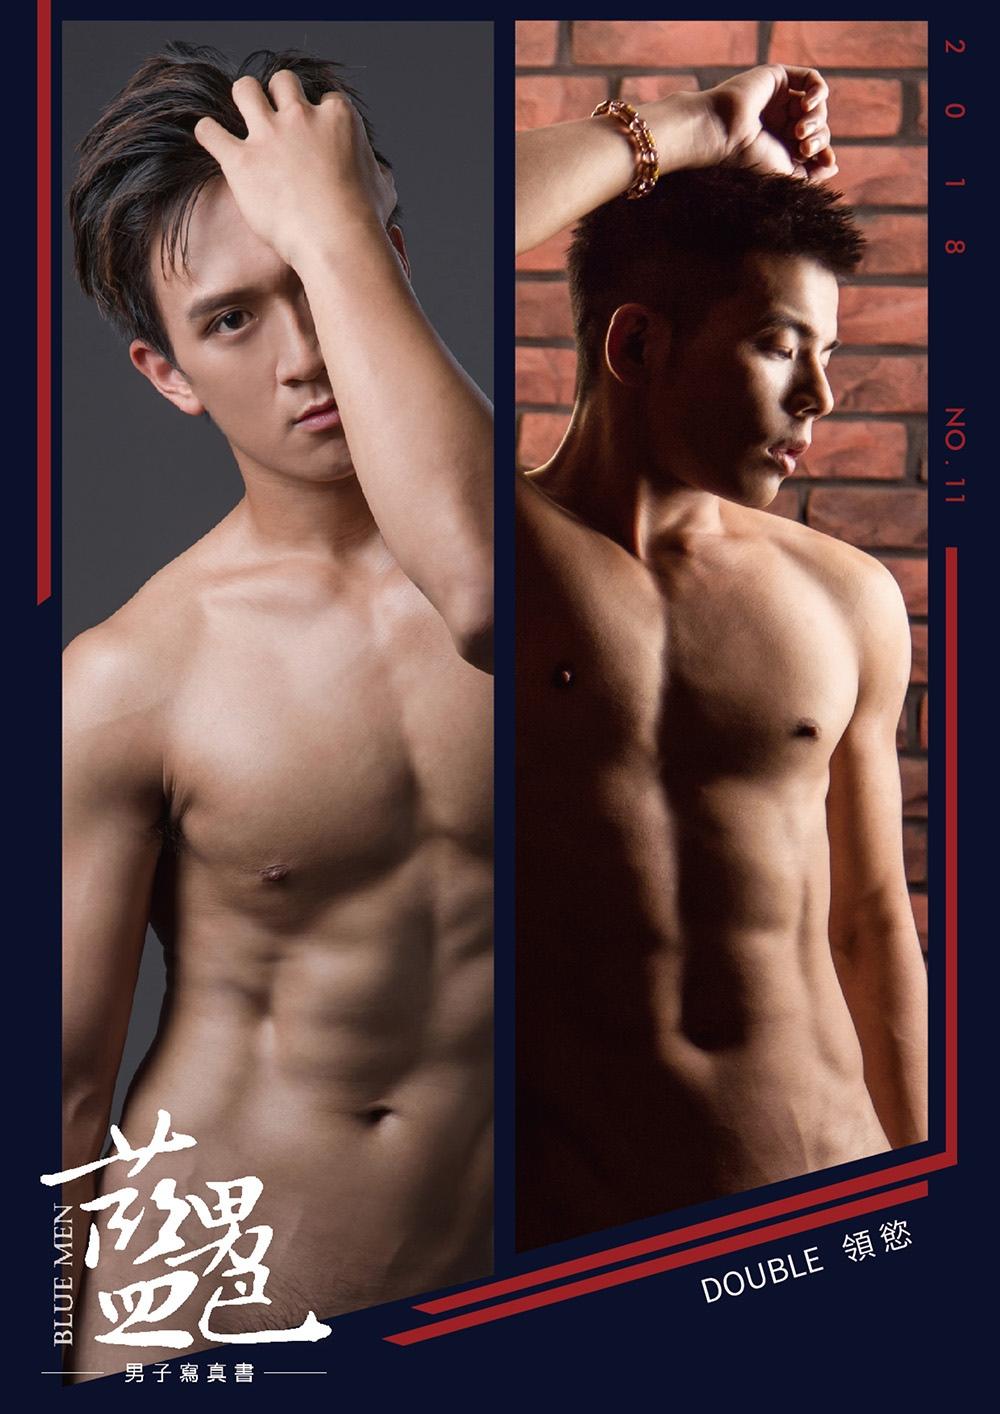 藍男色 男體視覺影像寫真書 NO.11 BLUEMEN Man's double desire-男子的Double領慾-